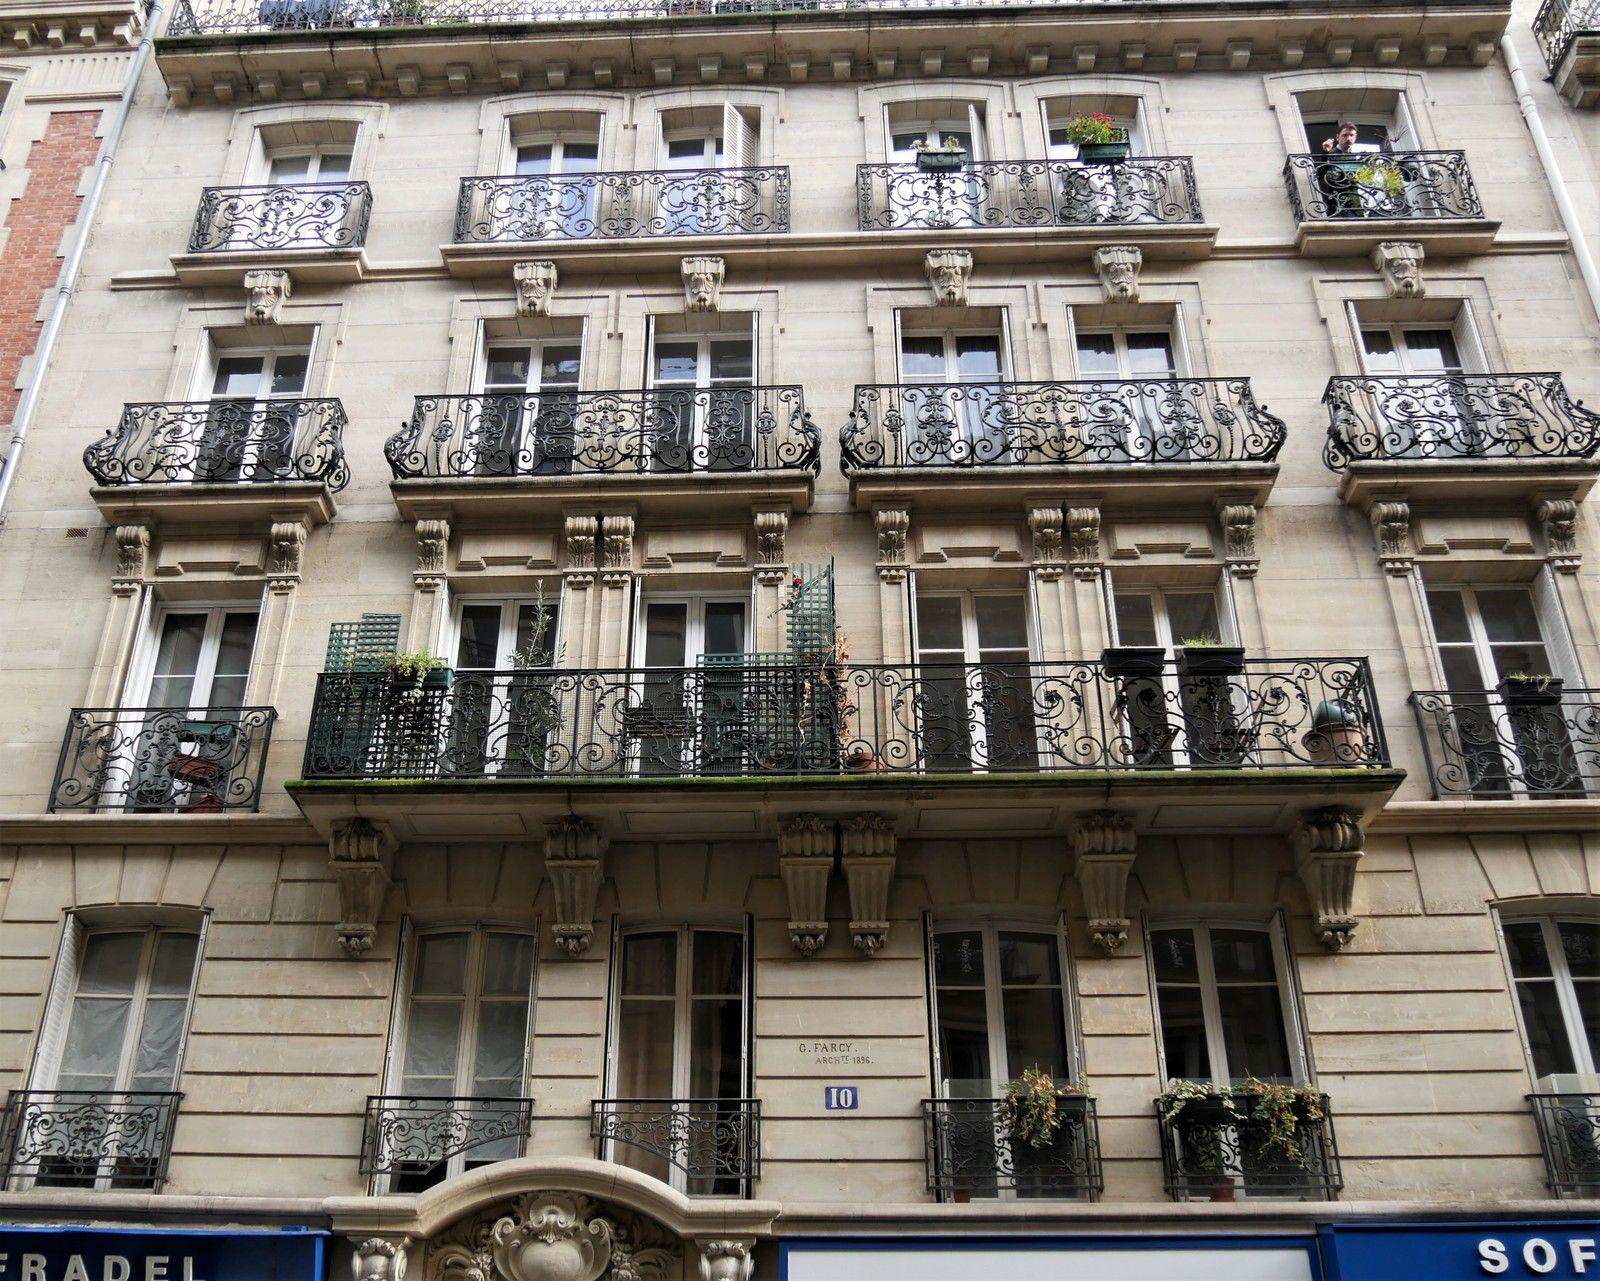 Rue Lentonnet Paris 9ème arrondissement. Musée vivant de l'architecture de la fin du XIXème siècle.